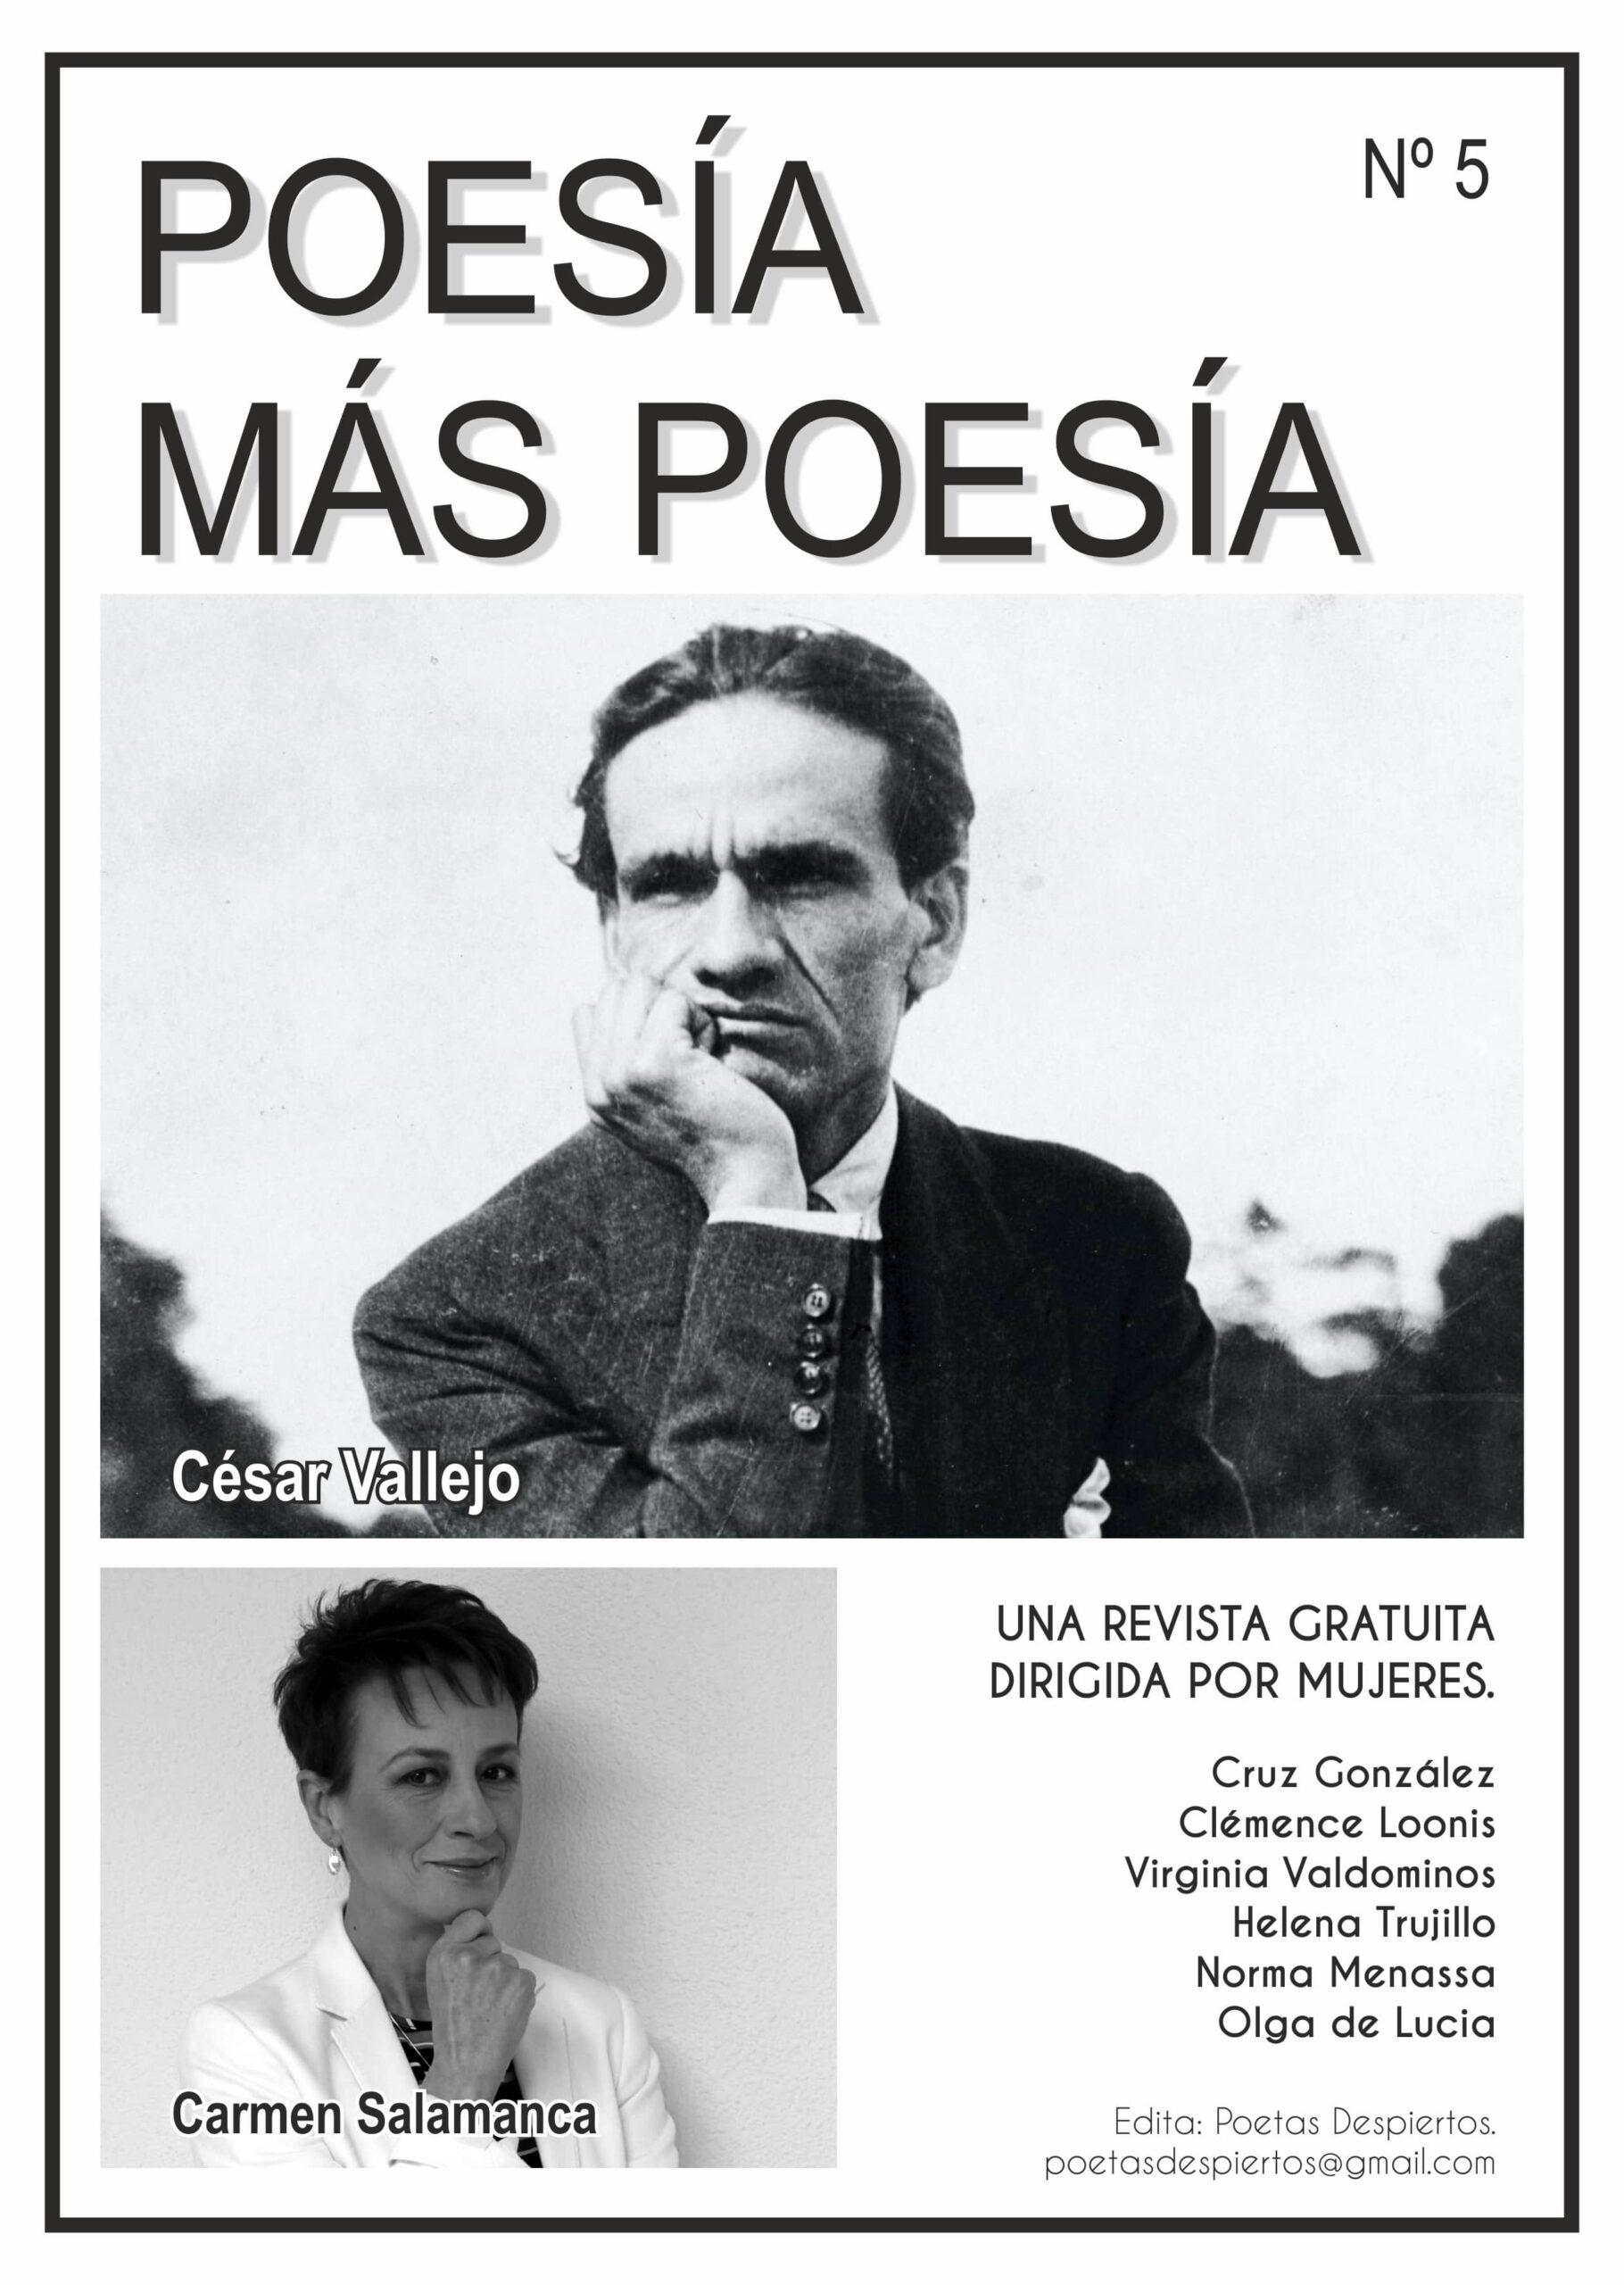 Revista dedicada al poeta César Vallejo y a la poeta Carmen Salamanca Gallego.